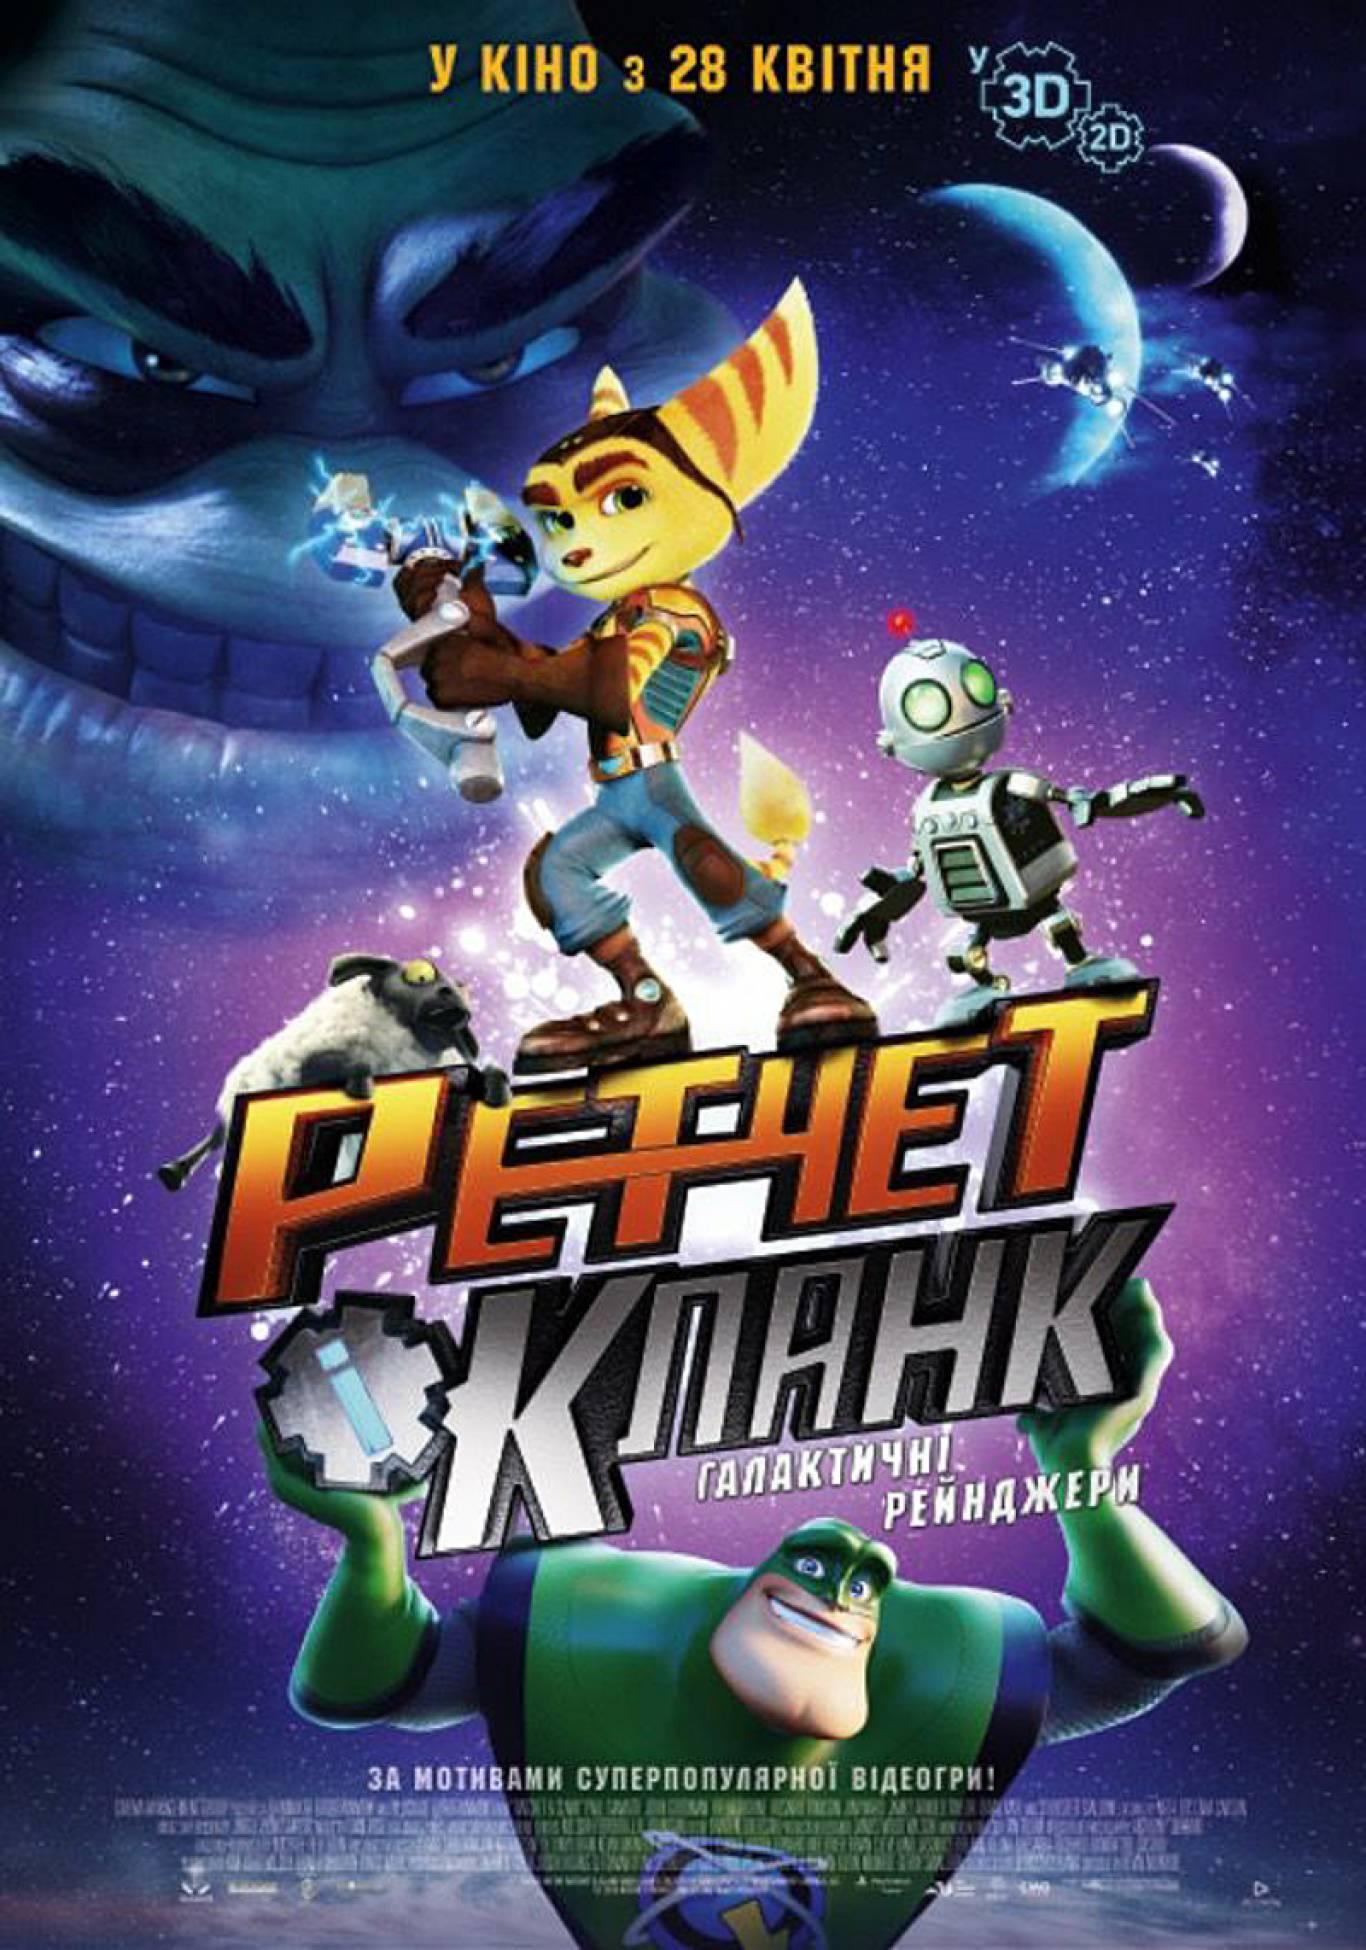 """Анімаційний фільм для дітей """"Ретчет і Кланк: галактичні рейнджери"""" 3D"""